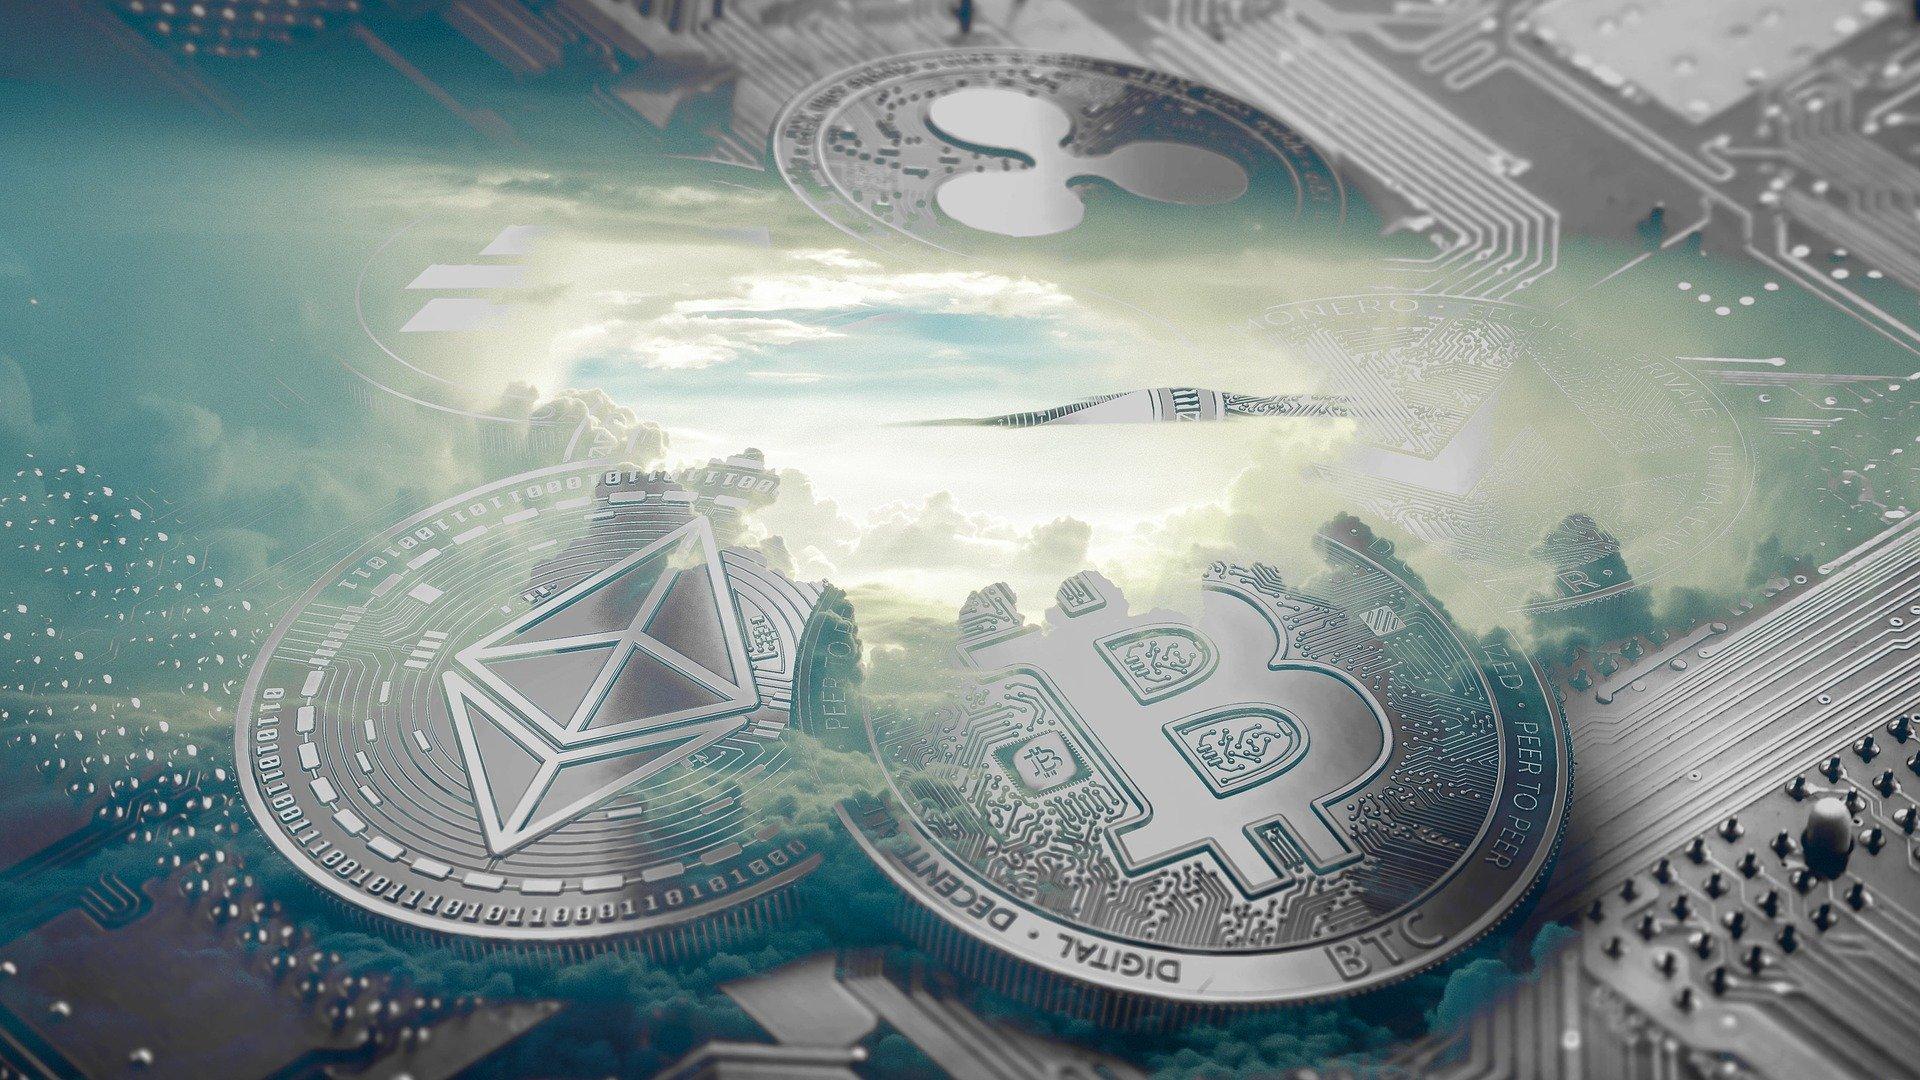 grenzenlose Bitcoin Evolution Transaktionen